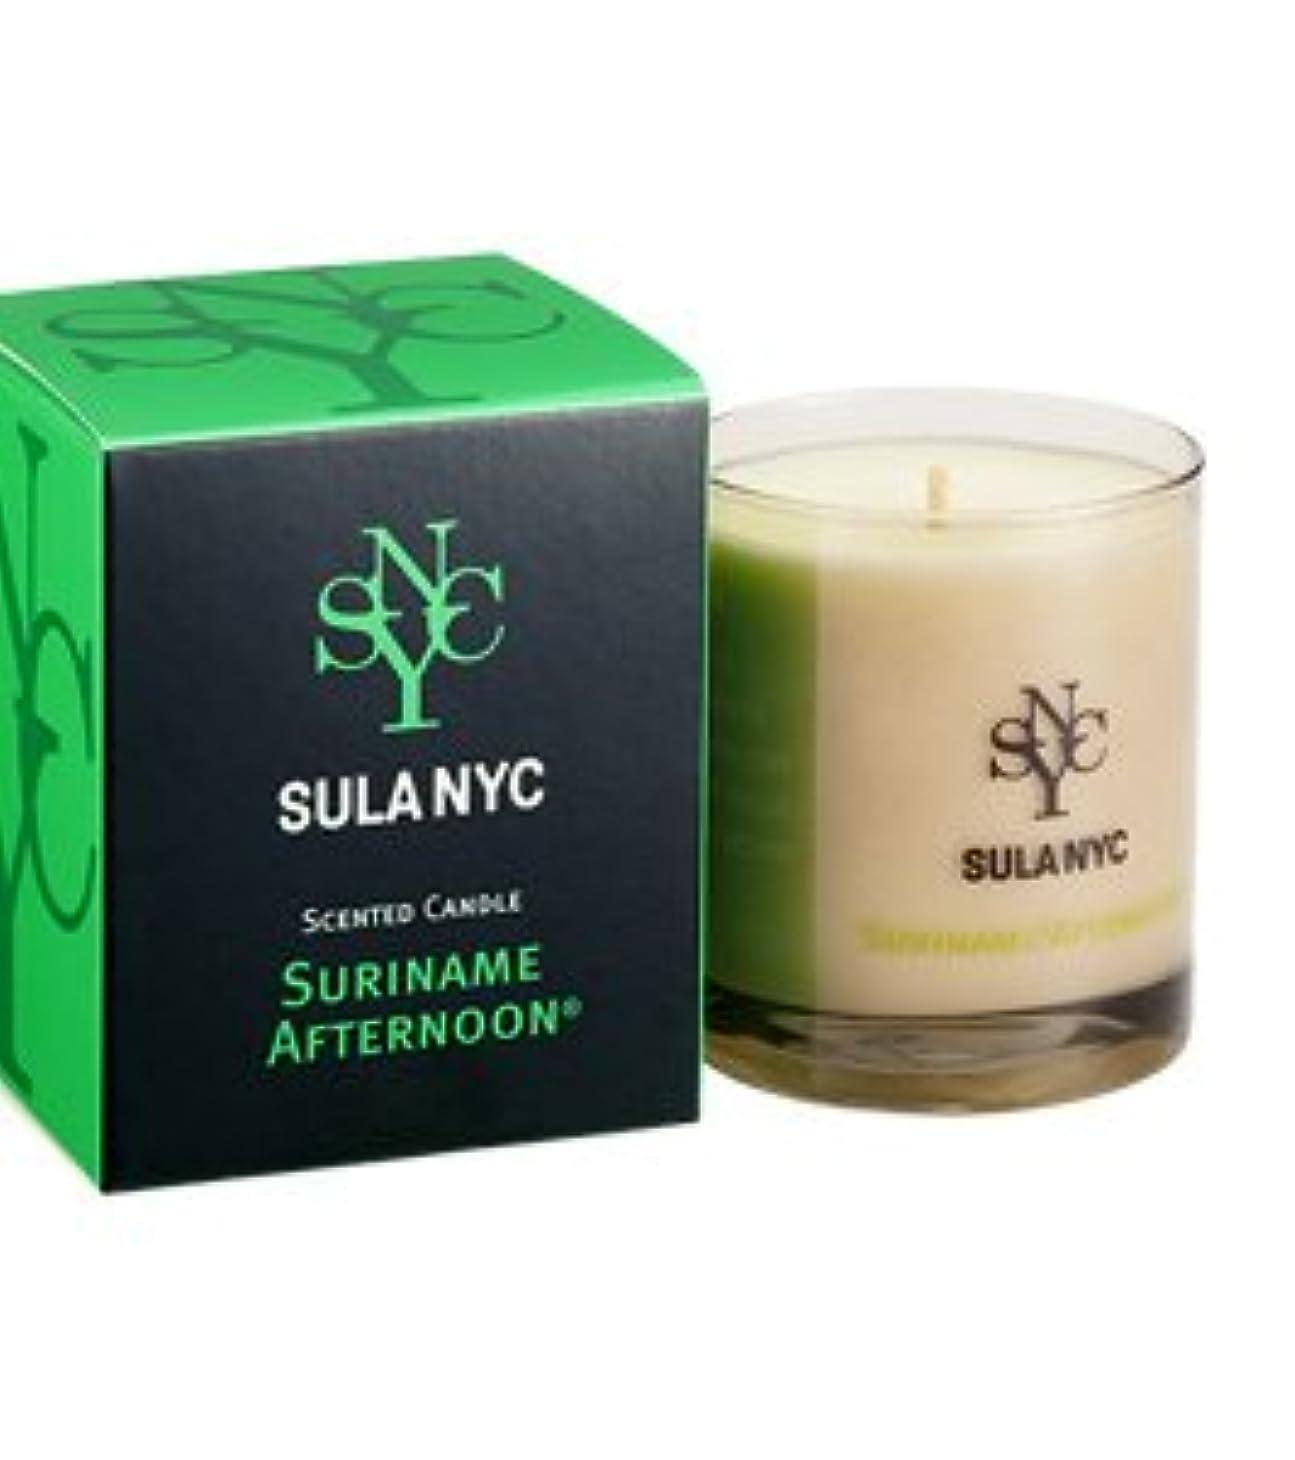 ロシア純粋な成熟SULA NYC CANDLE グラス キャンドル 190g SURINAME AFTERNOON スリナム?アフタヌーン 燃焼時間:約45時間 スーラNYC